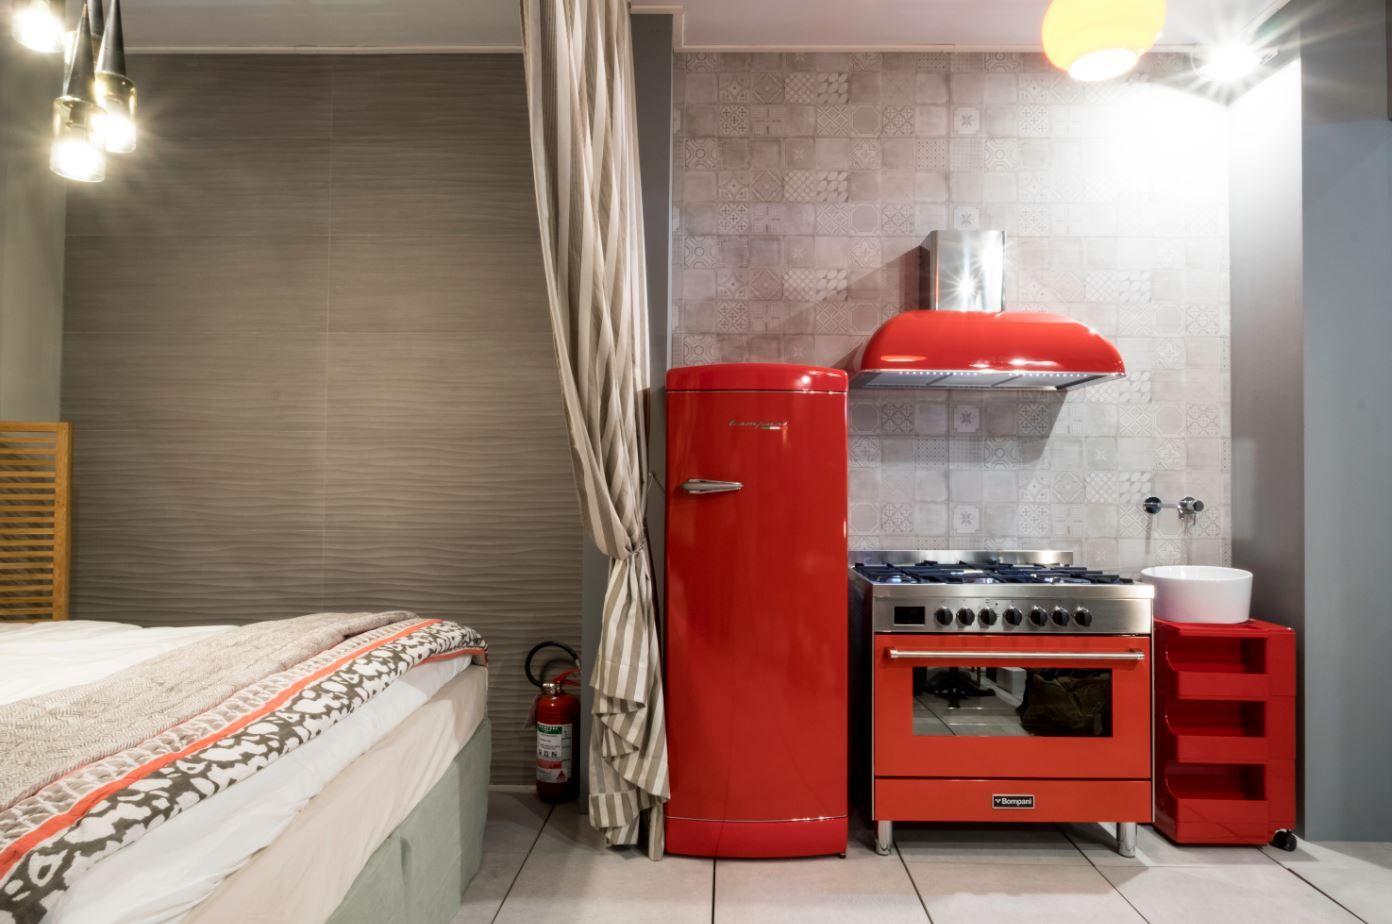 Cappa Freestanding La Liberta In Cucina : Trittico in rosso per bompani frigorifero retrò cappa